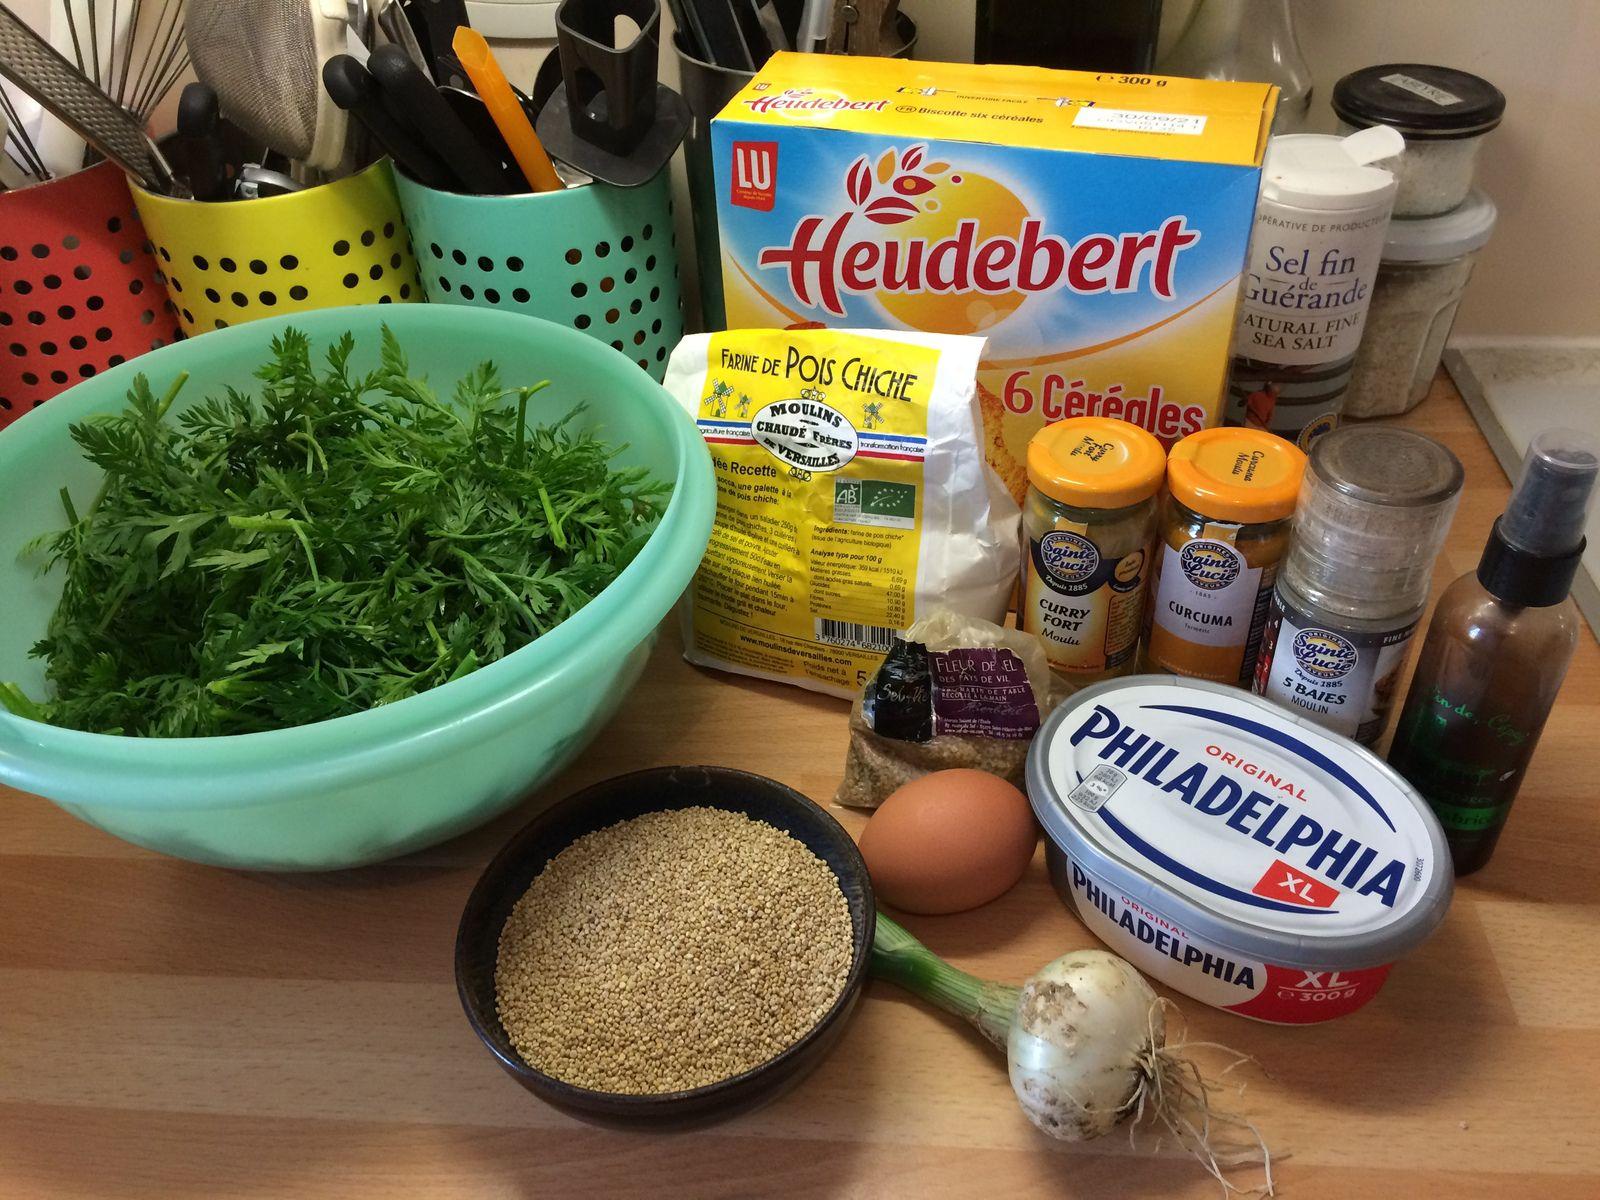 J'ai également décidé de remplacer le fromage blanc par du Philadelphia pour son goût sucré-salé et sa texture compacte pour assurer un bon liant. Enfin j'ai rajouté un peu de chapelure (ici à partir de biscottes mixées, mais pour une version sans gluten on peut mixer des flocons de riz ou des corn flakes non sucrés).